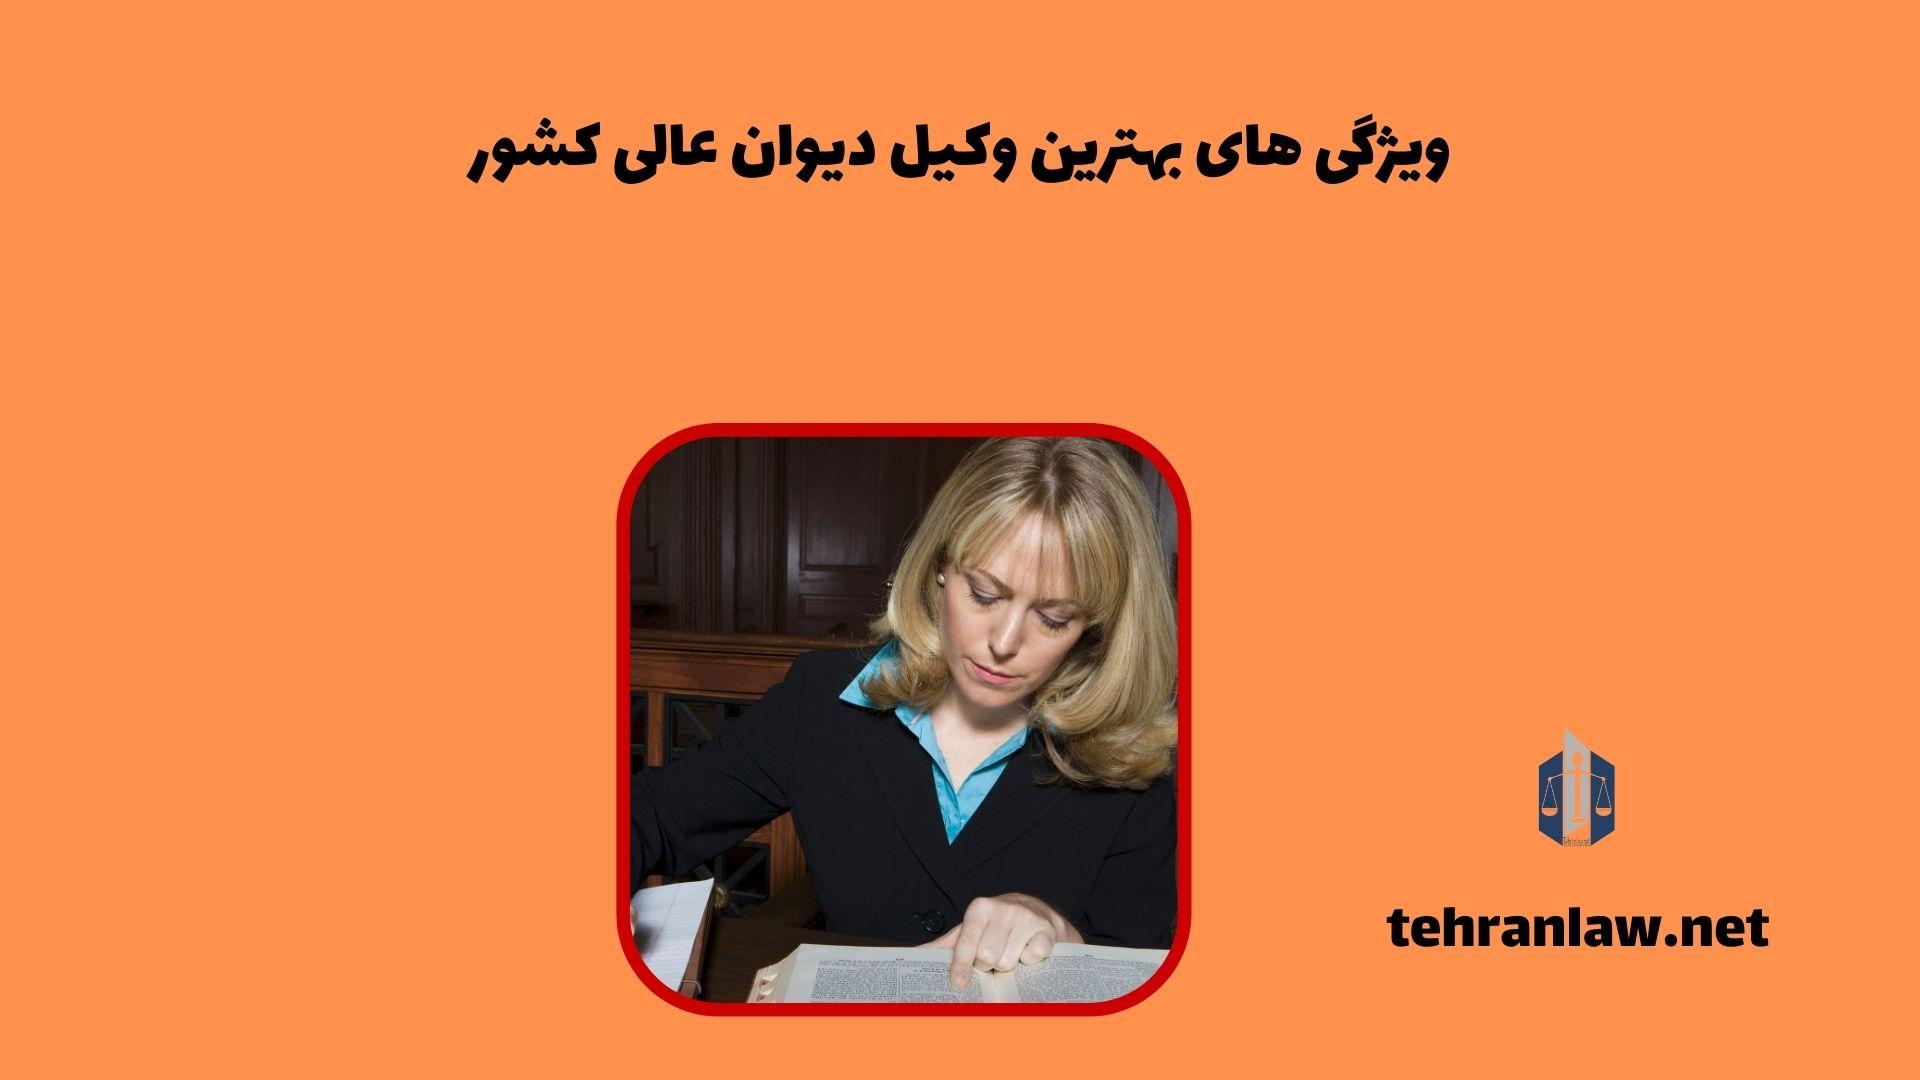 ویژگی های بهترین وکیل دیوان عالی کشور